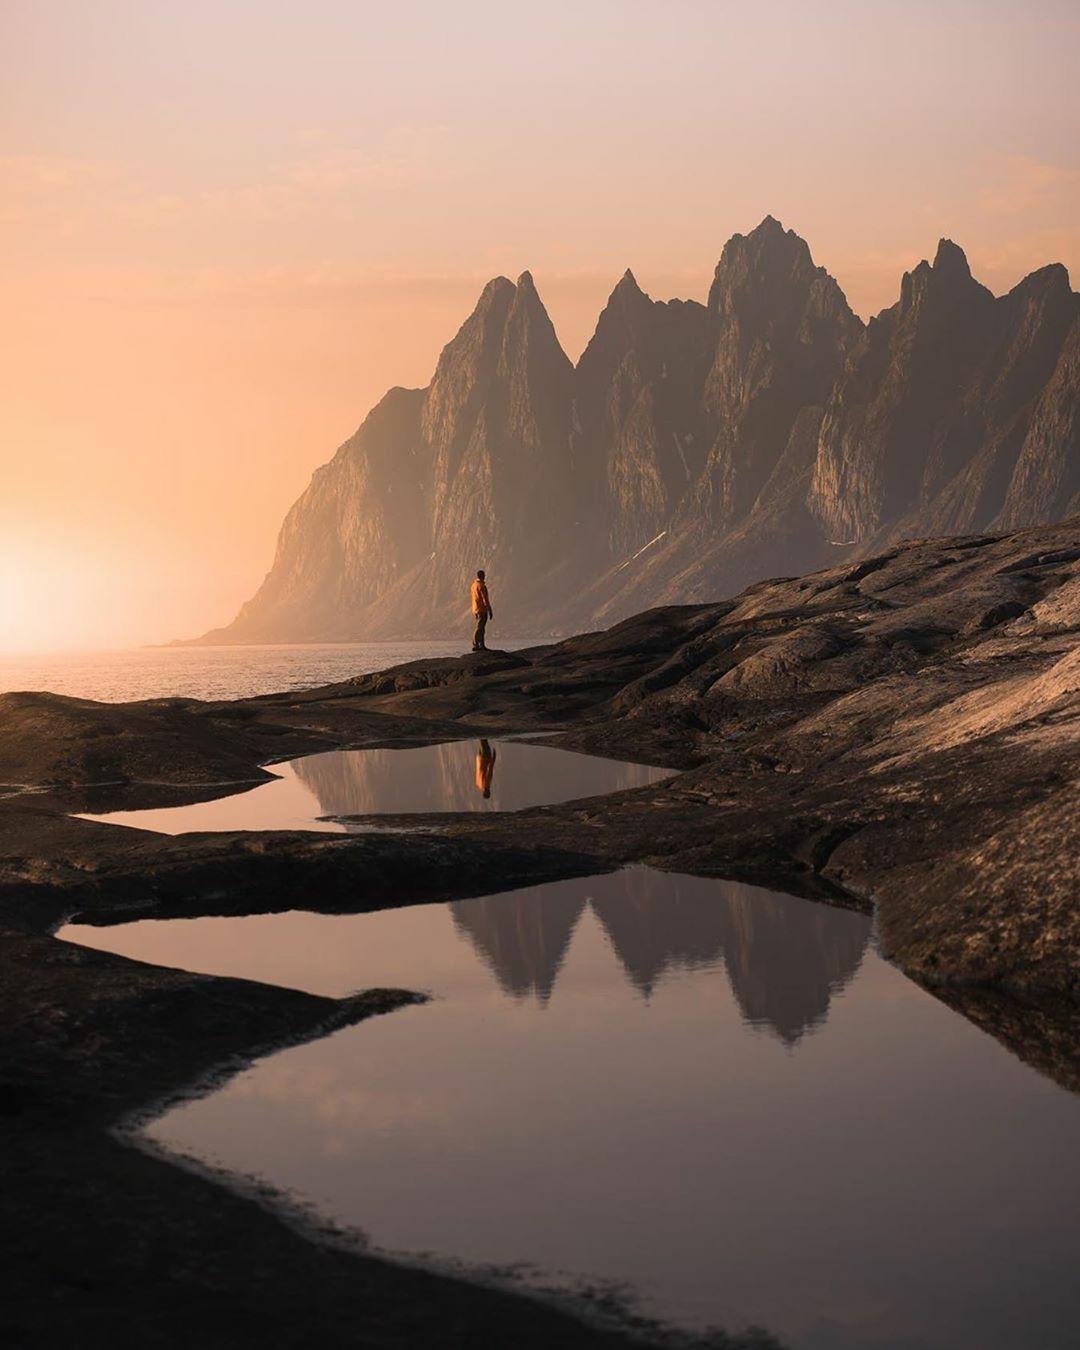 scene of serenity